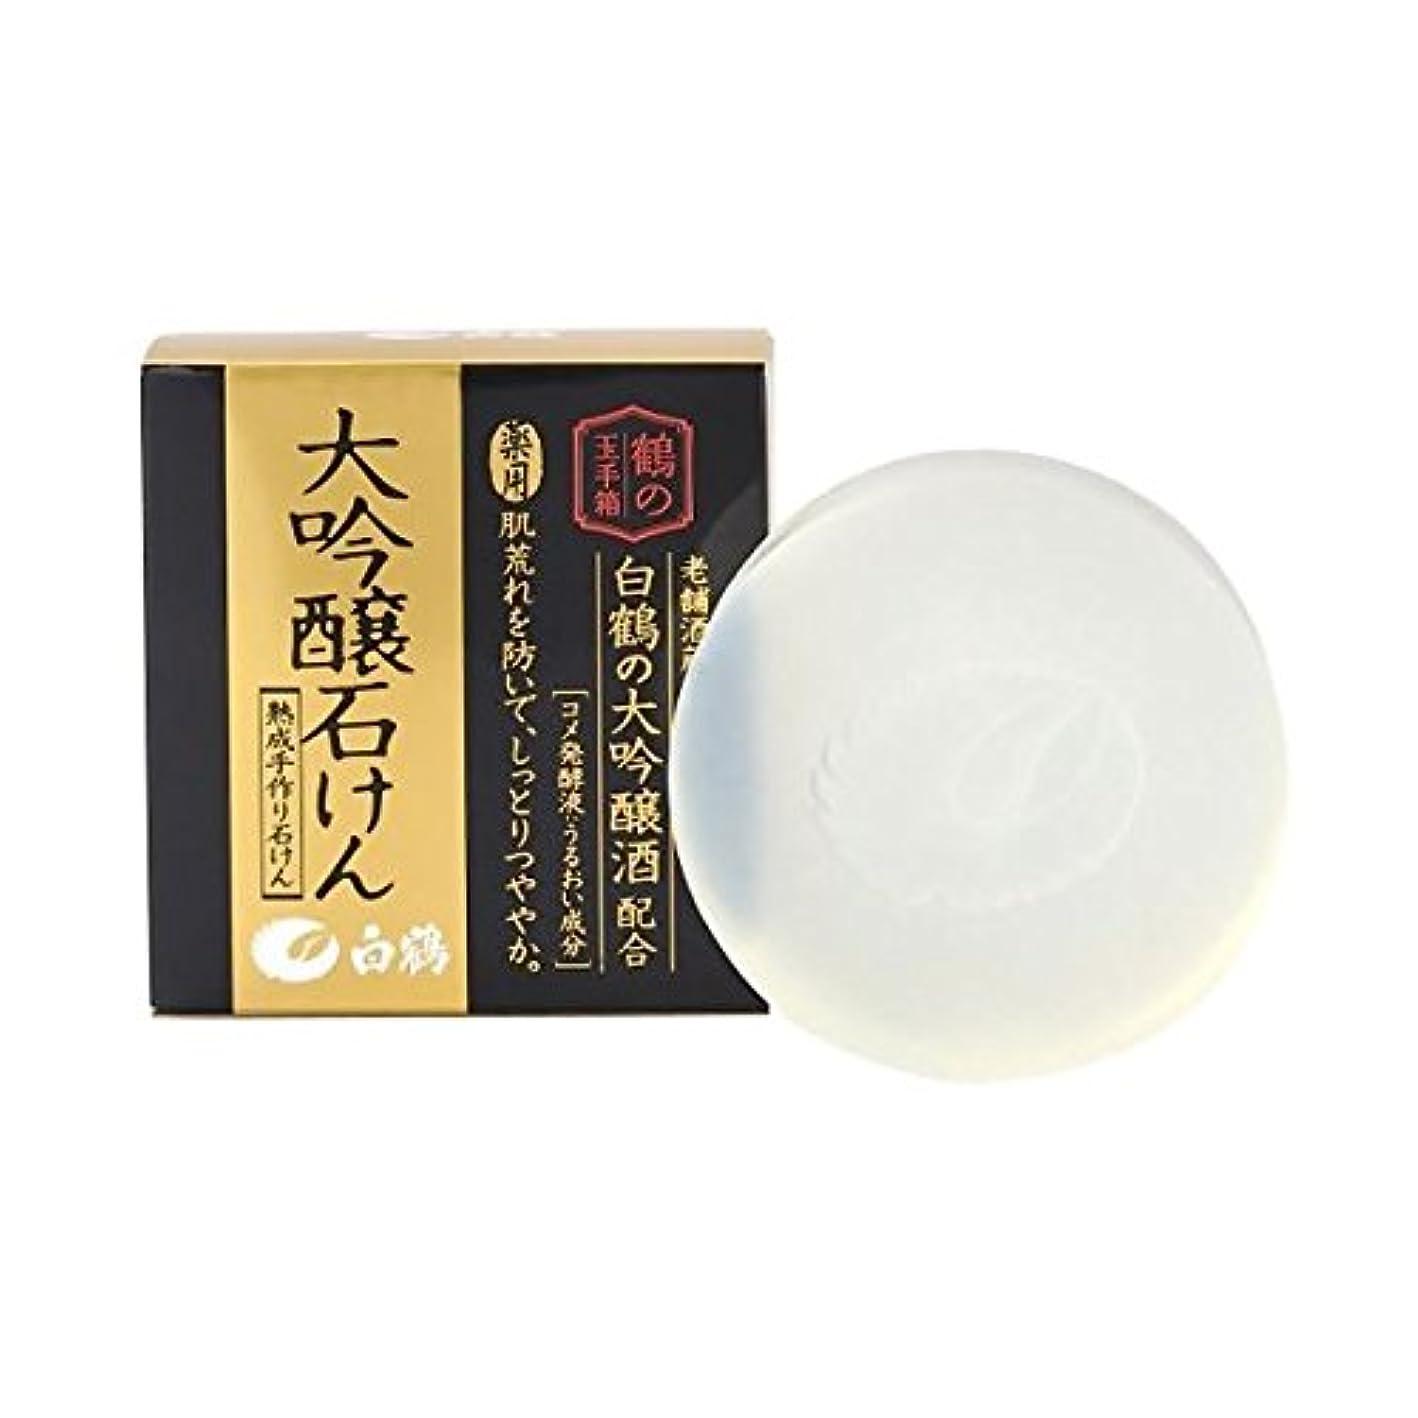 わかる露出度の高い球体白鶴 鶴の玉手箱 大吟醸石けん 100g × 3個 (薬用)(医薬部外品)